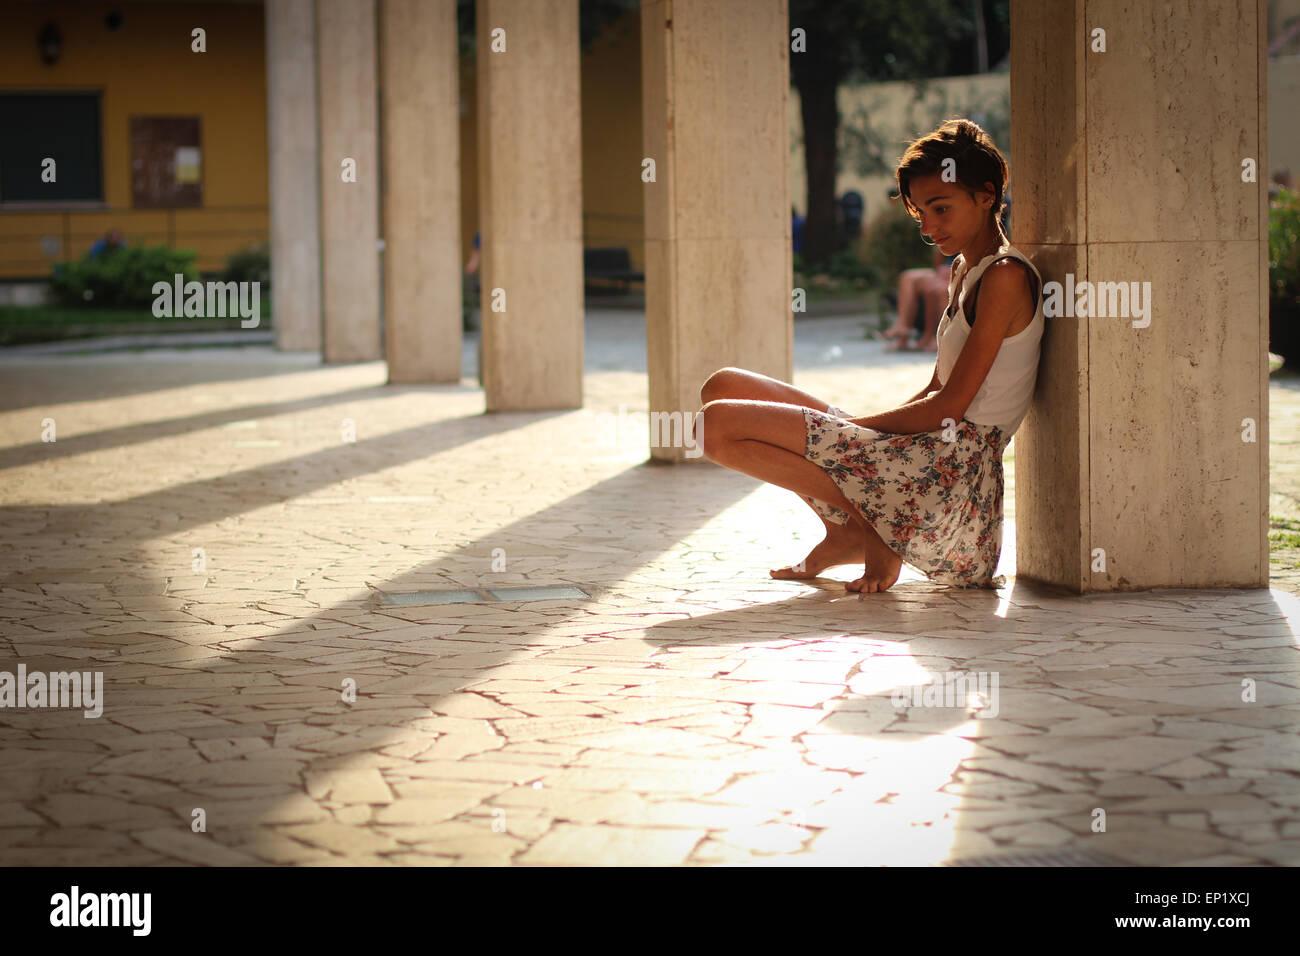 Ragazza appoggiata contro un pilastro in un cortile Foto Stock